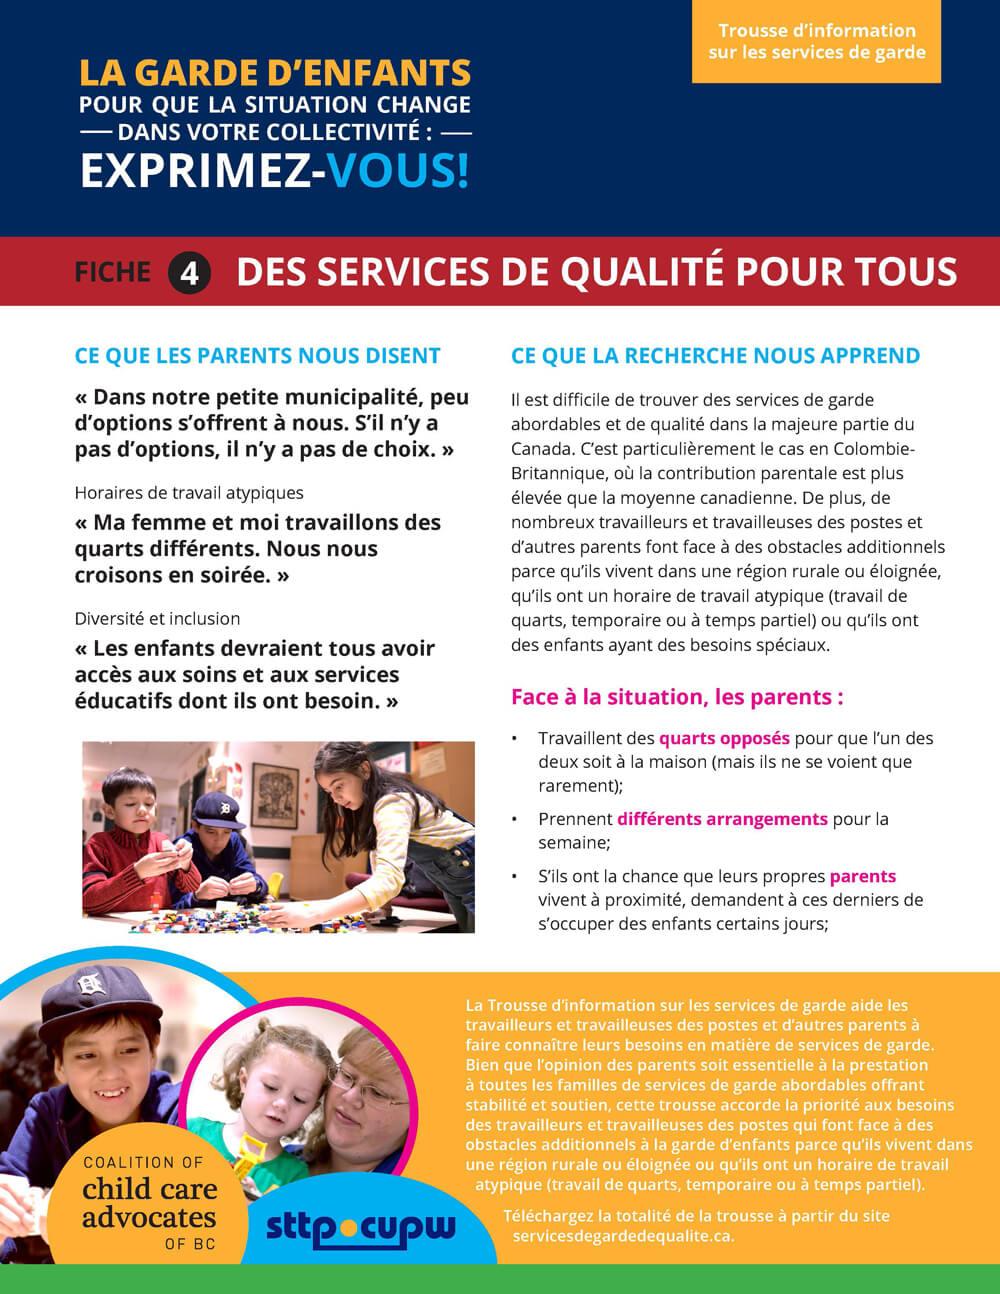 Fiche 4 : Des services de qualité pour tous